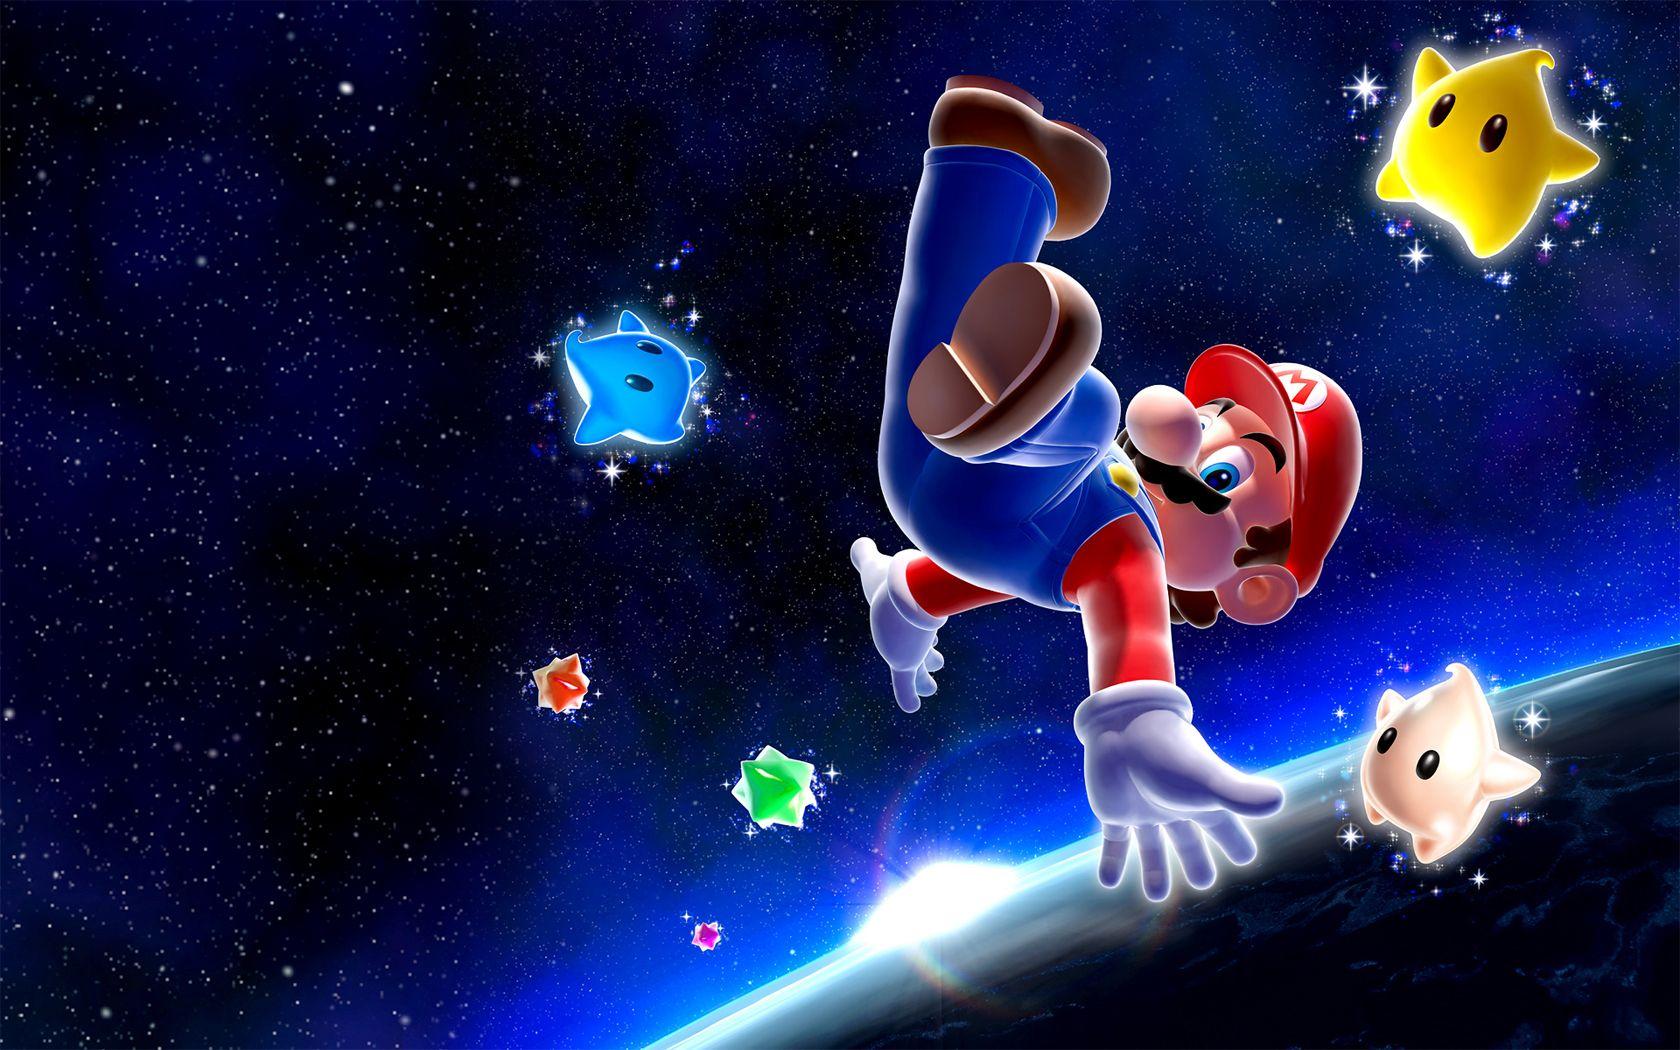 Nintendo Games Galaxy Mario Super Mario Wii Wallpaper 50420 Wallbase Cc Super Mario Galaxy Super Mario Mario